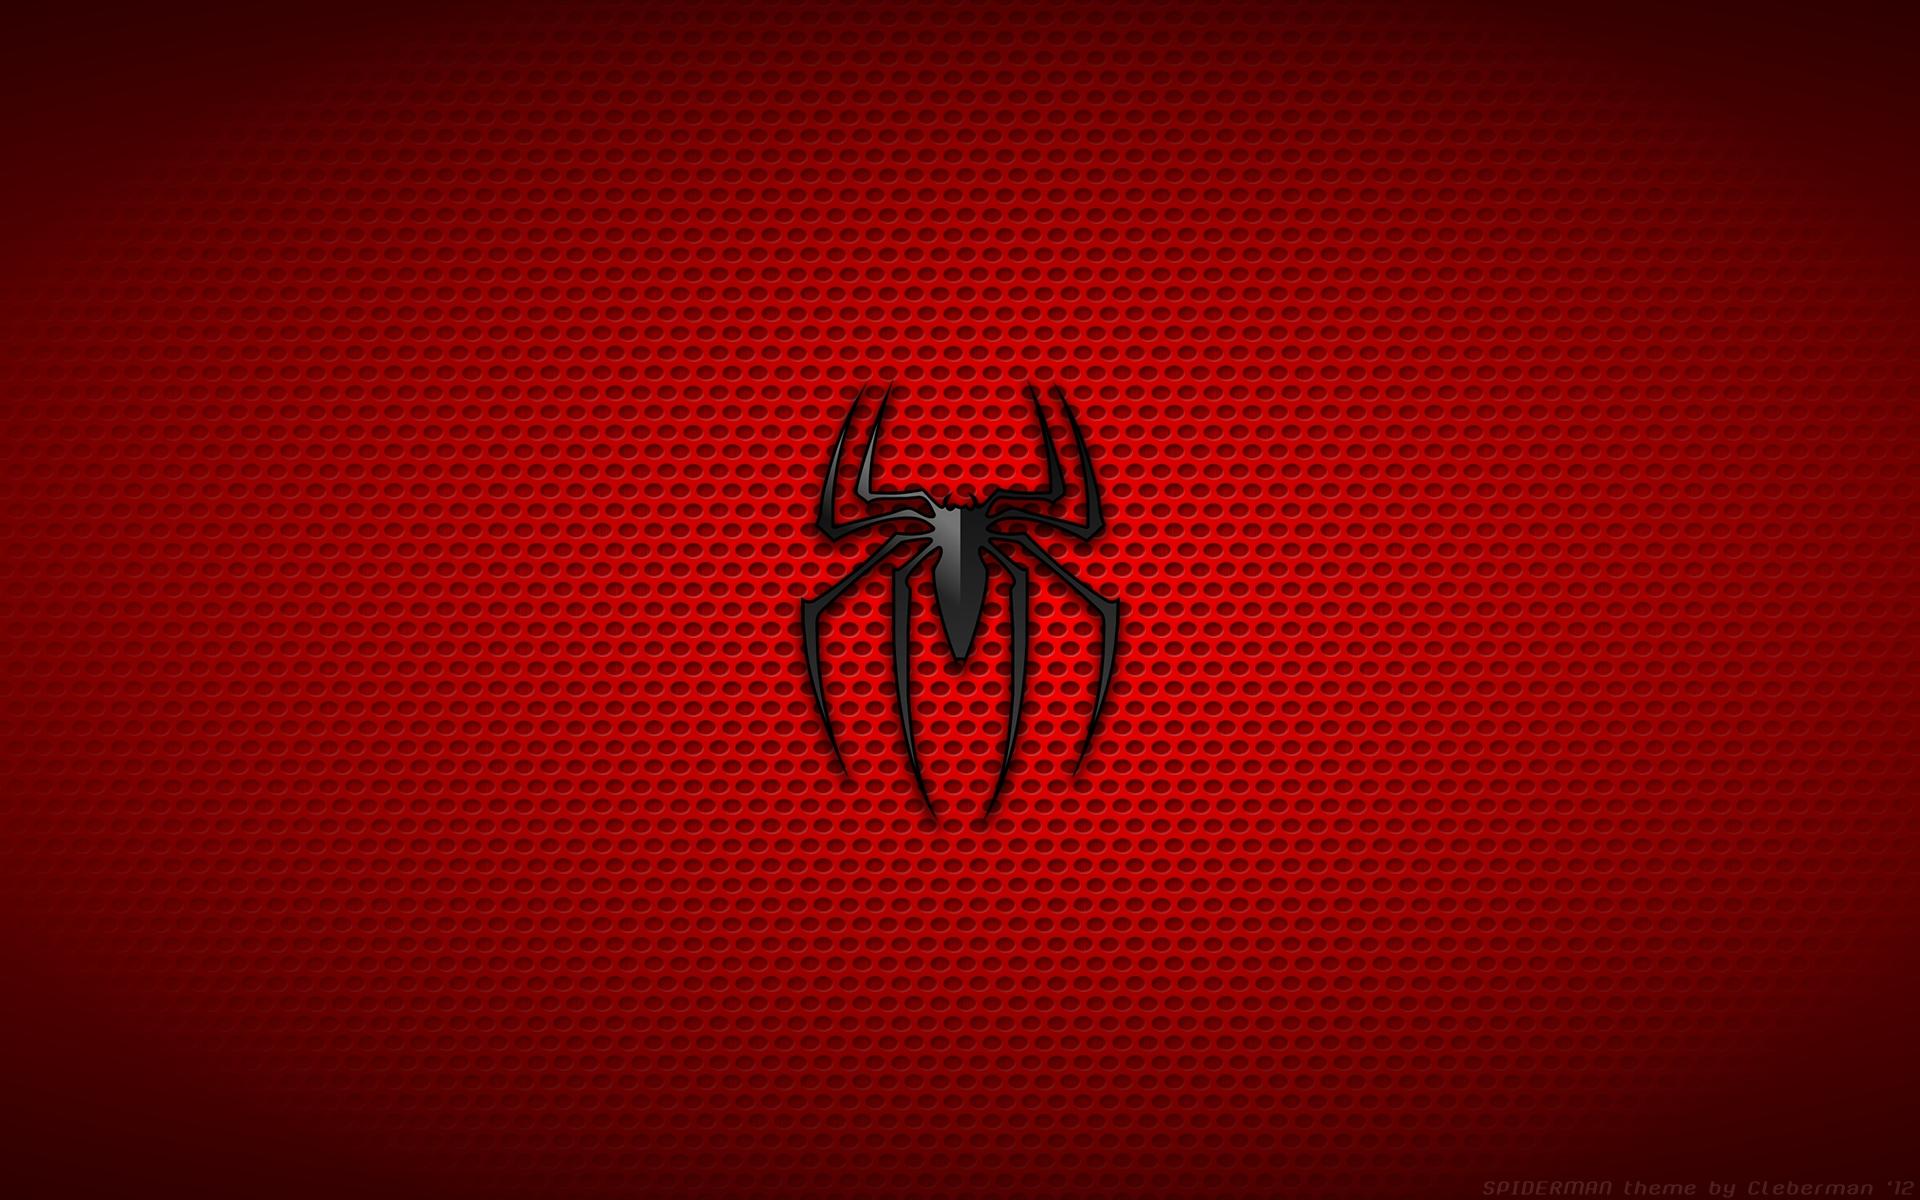 La araña de Spiderman - 1920x1200